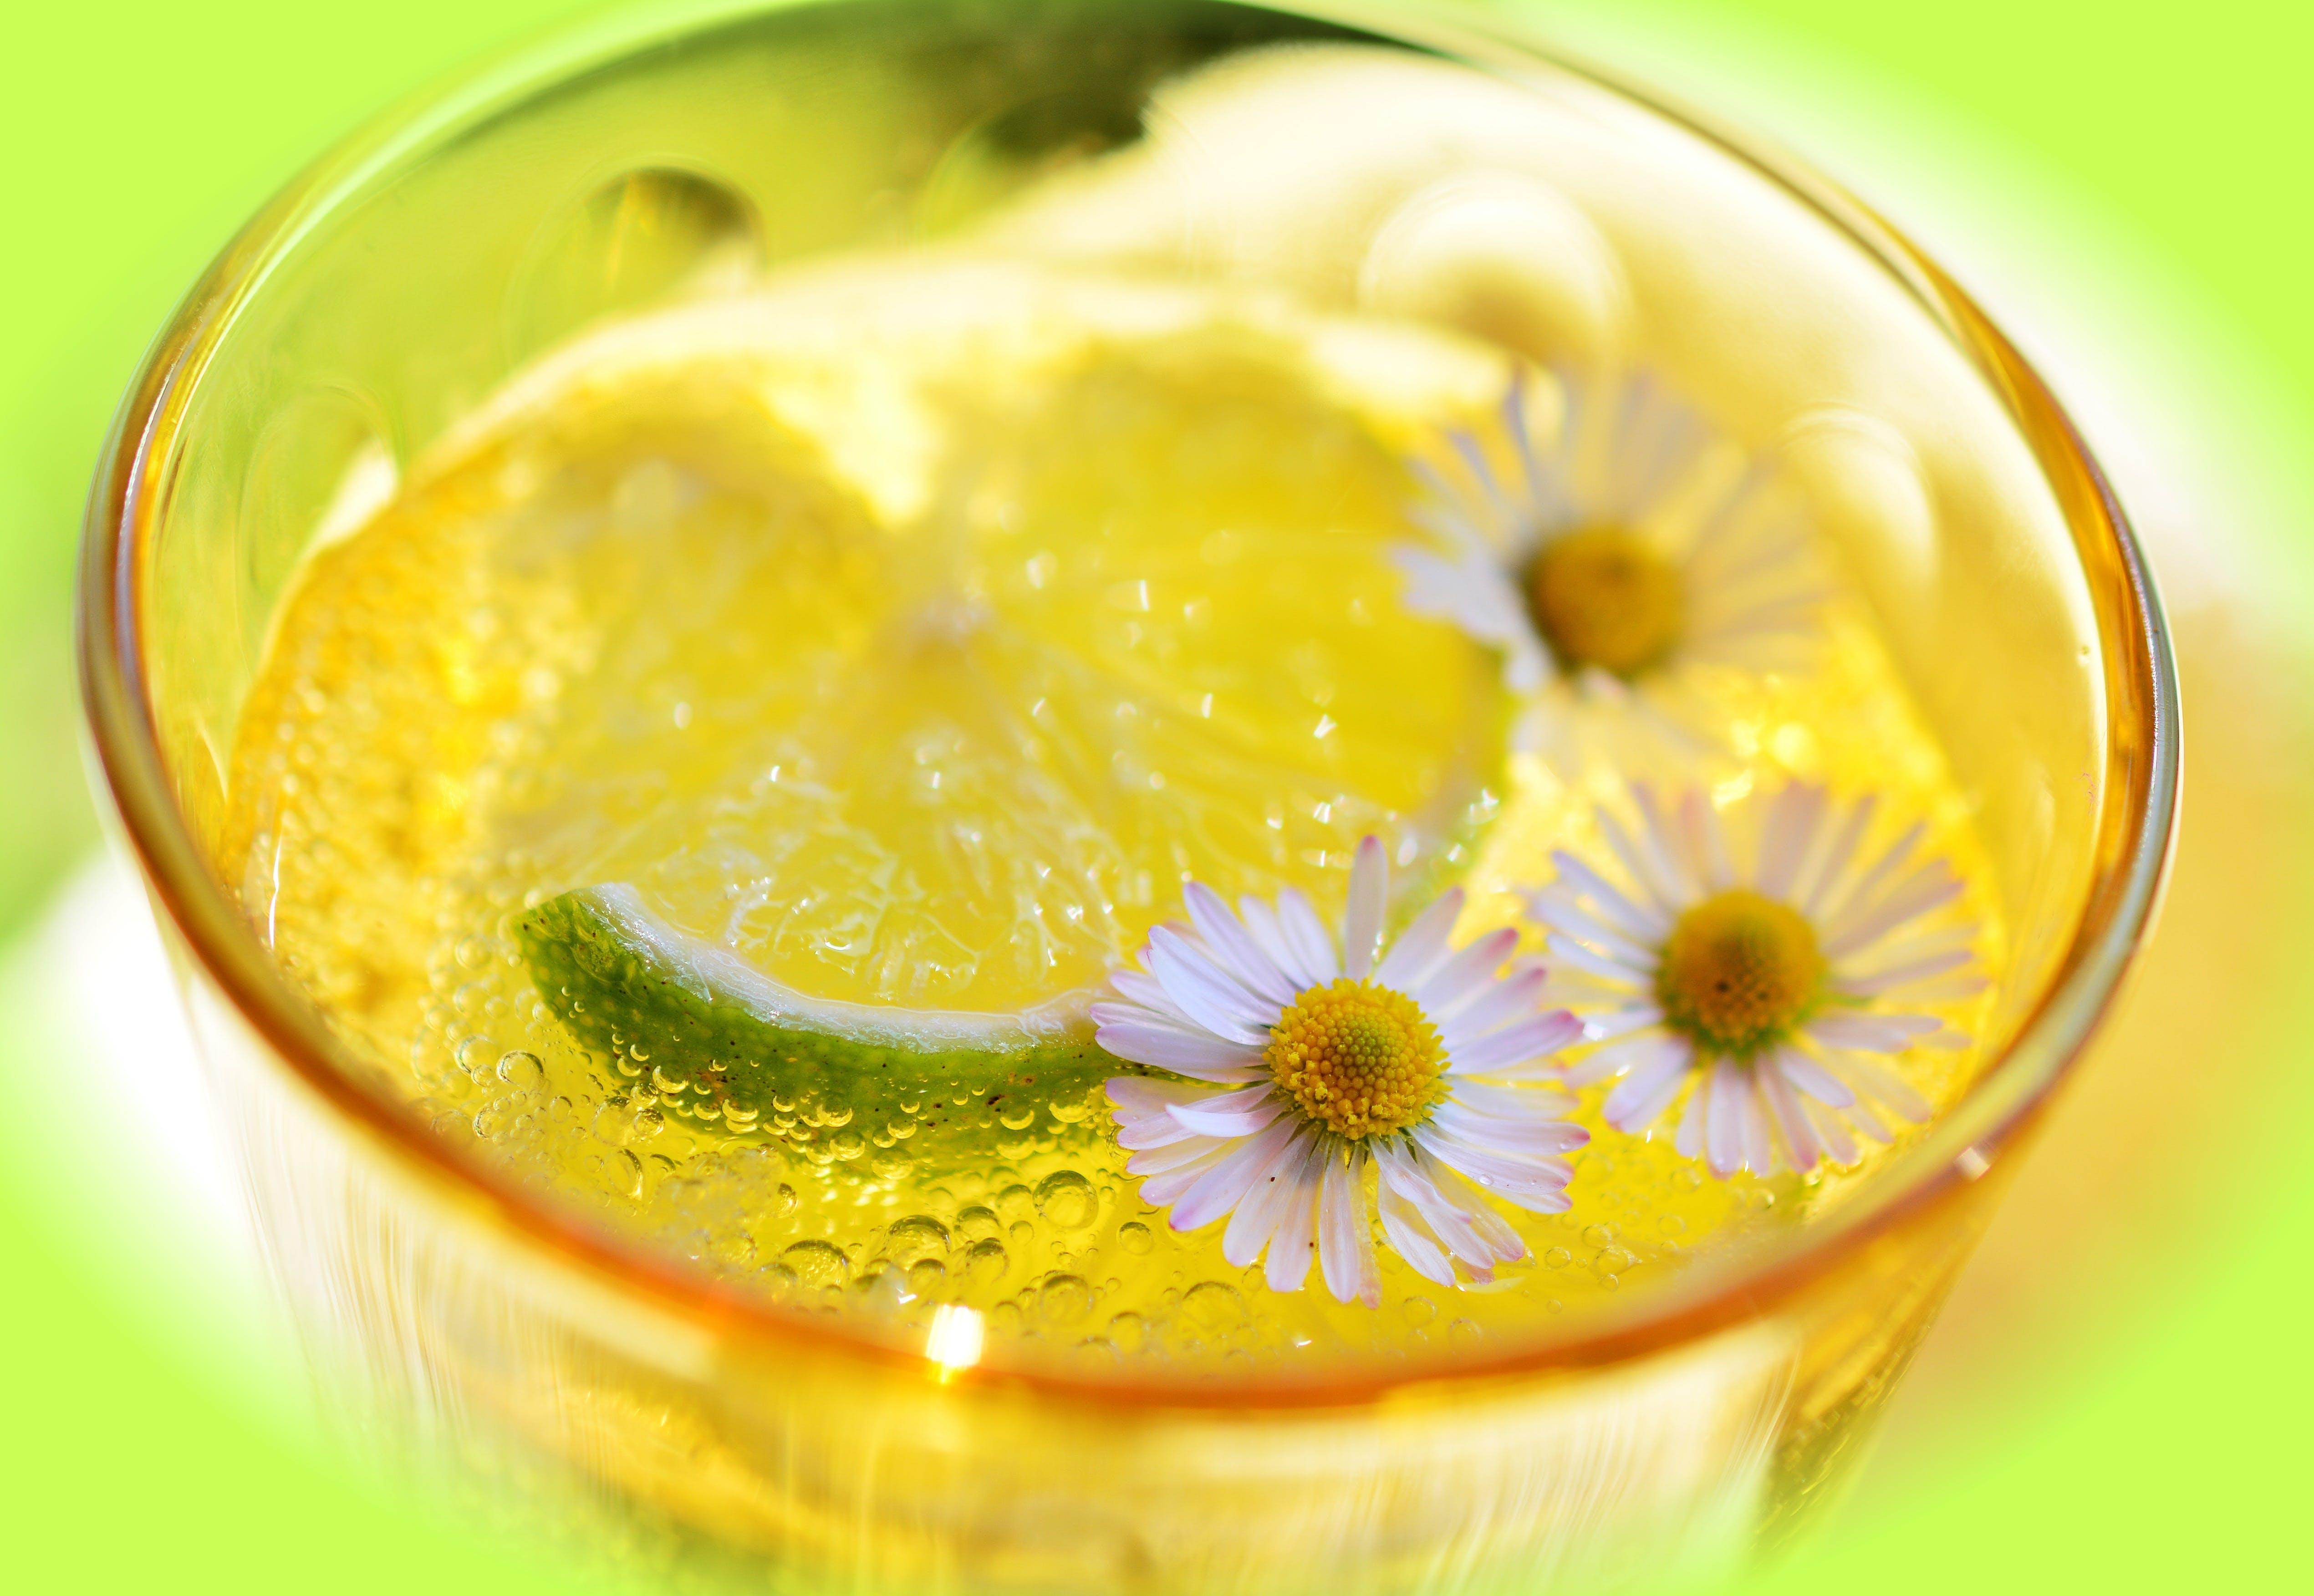 beverage, citrus, close -up